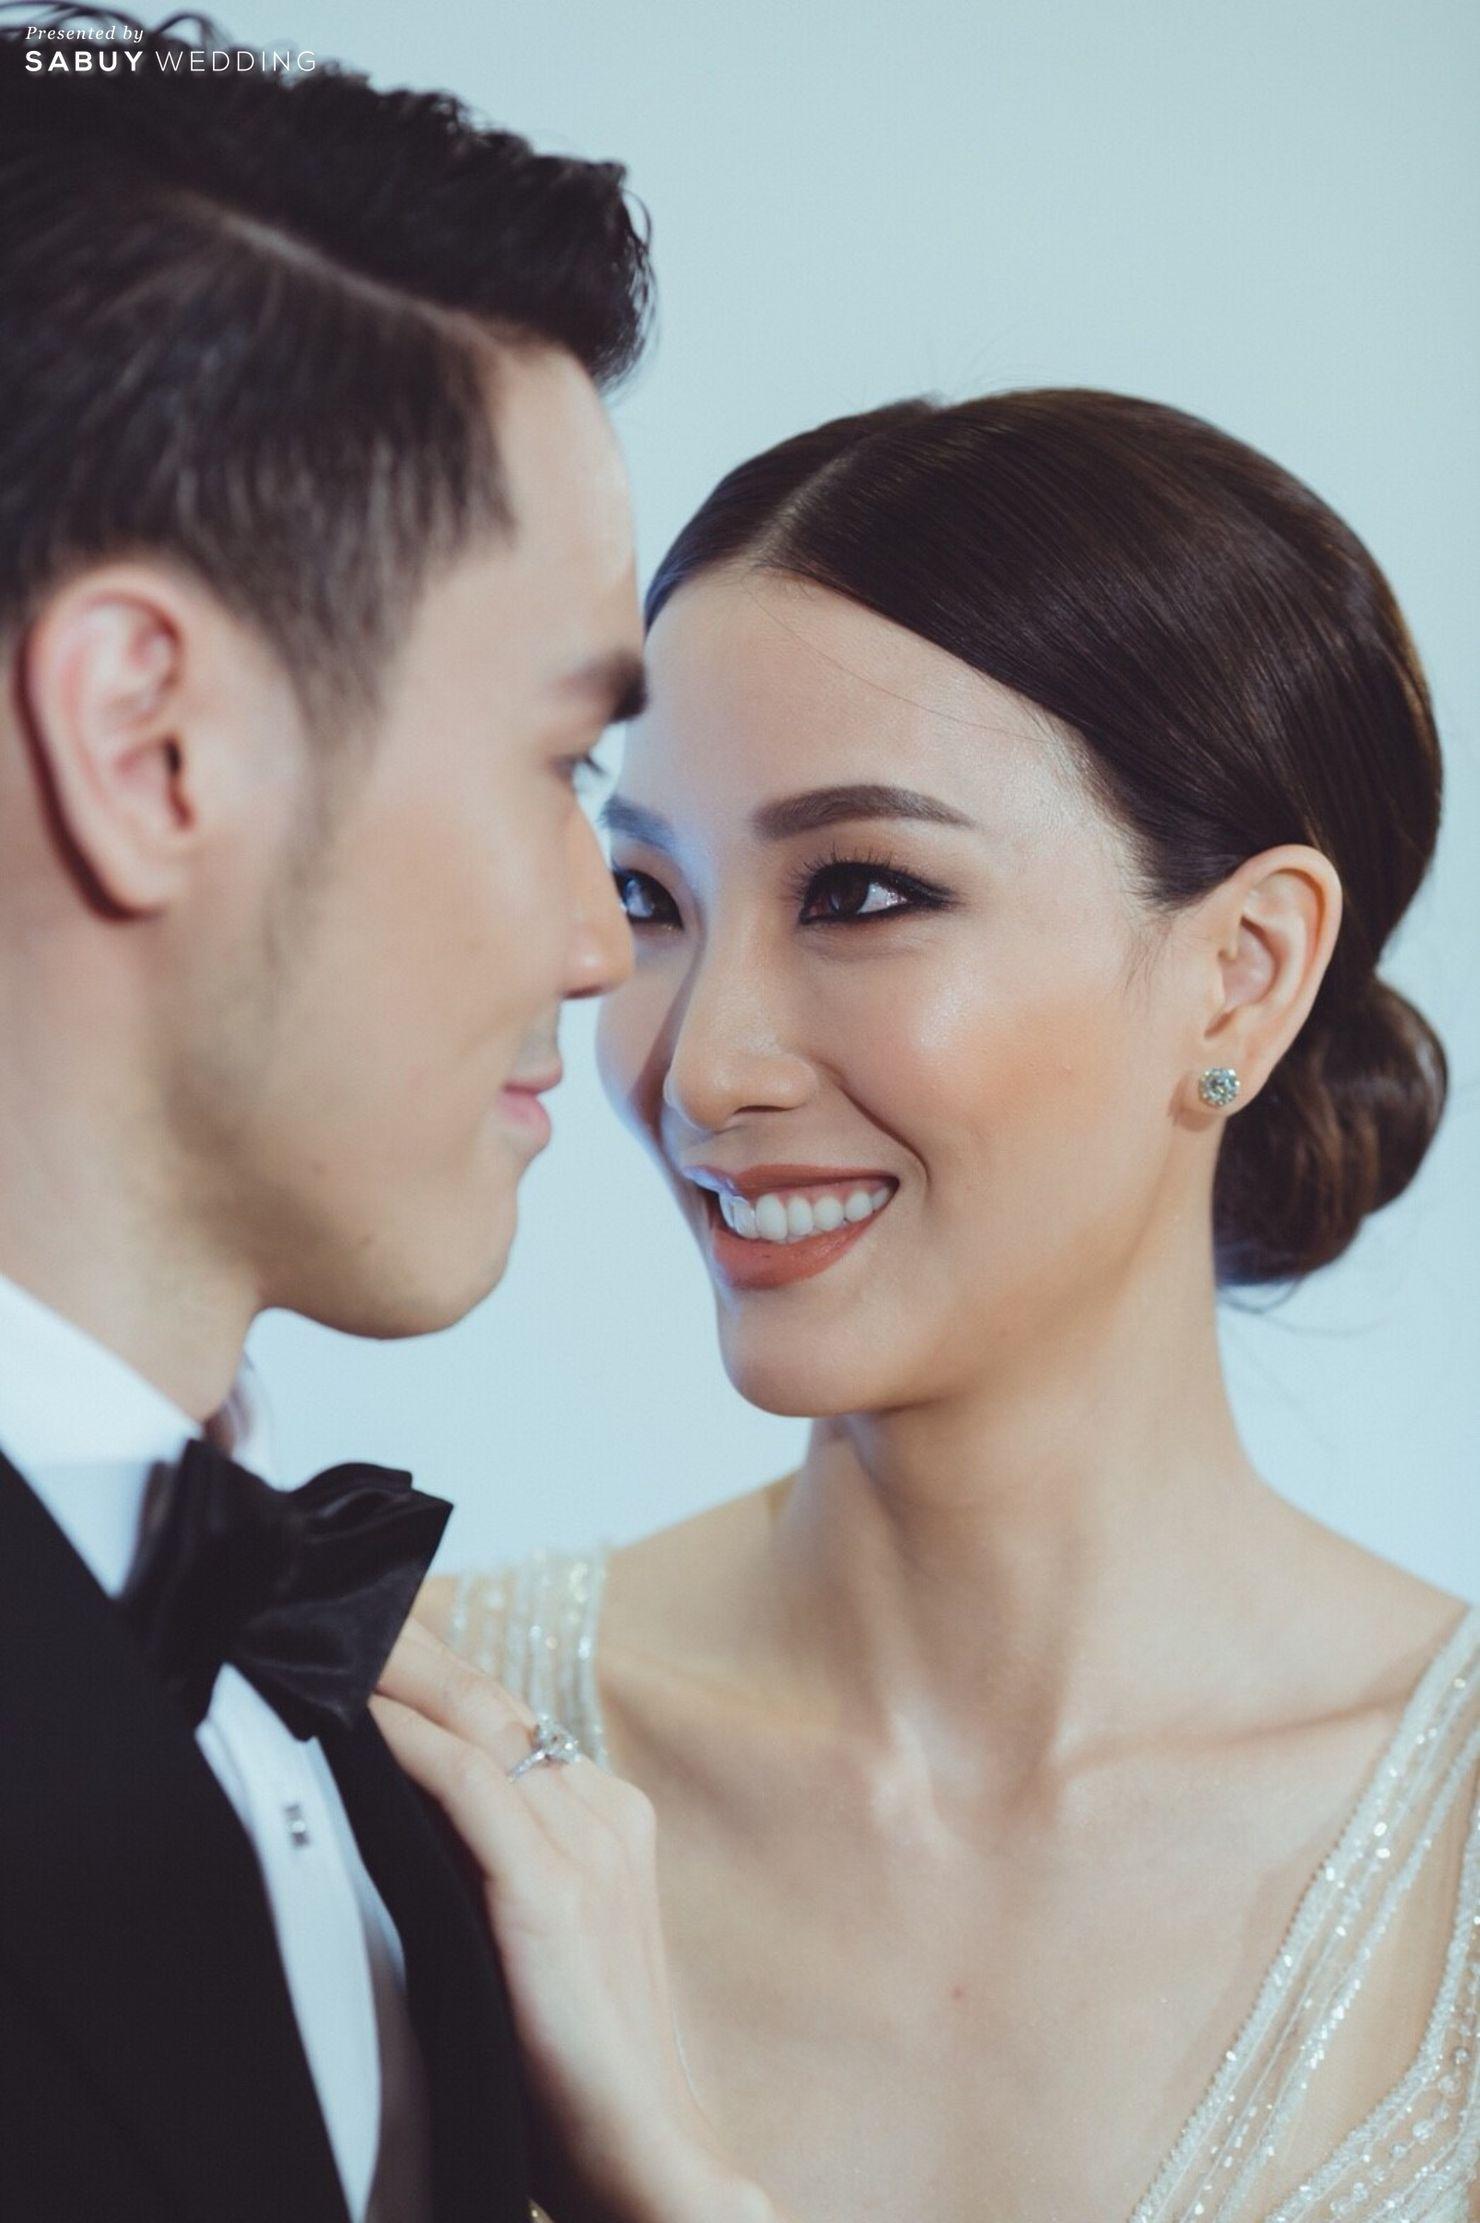 แต่งหน้าเจ้าสาว,บ่าวสาว,ชุดเจ้าสาว,งานแต่งงาน รีวิวงานแต่ง Sit-down Lunch และ Dinner เฉียบเรียบโก้ โมเดิร์นมาก @SO Sofitel Bangkok